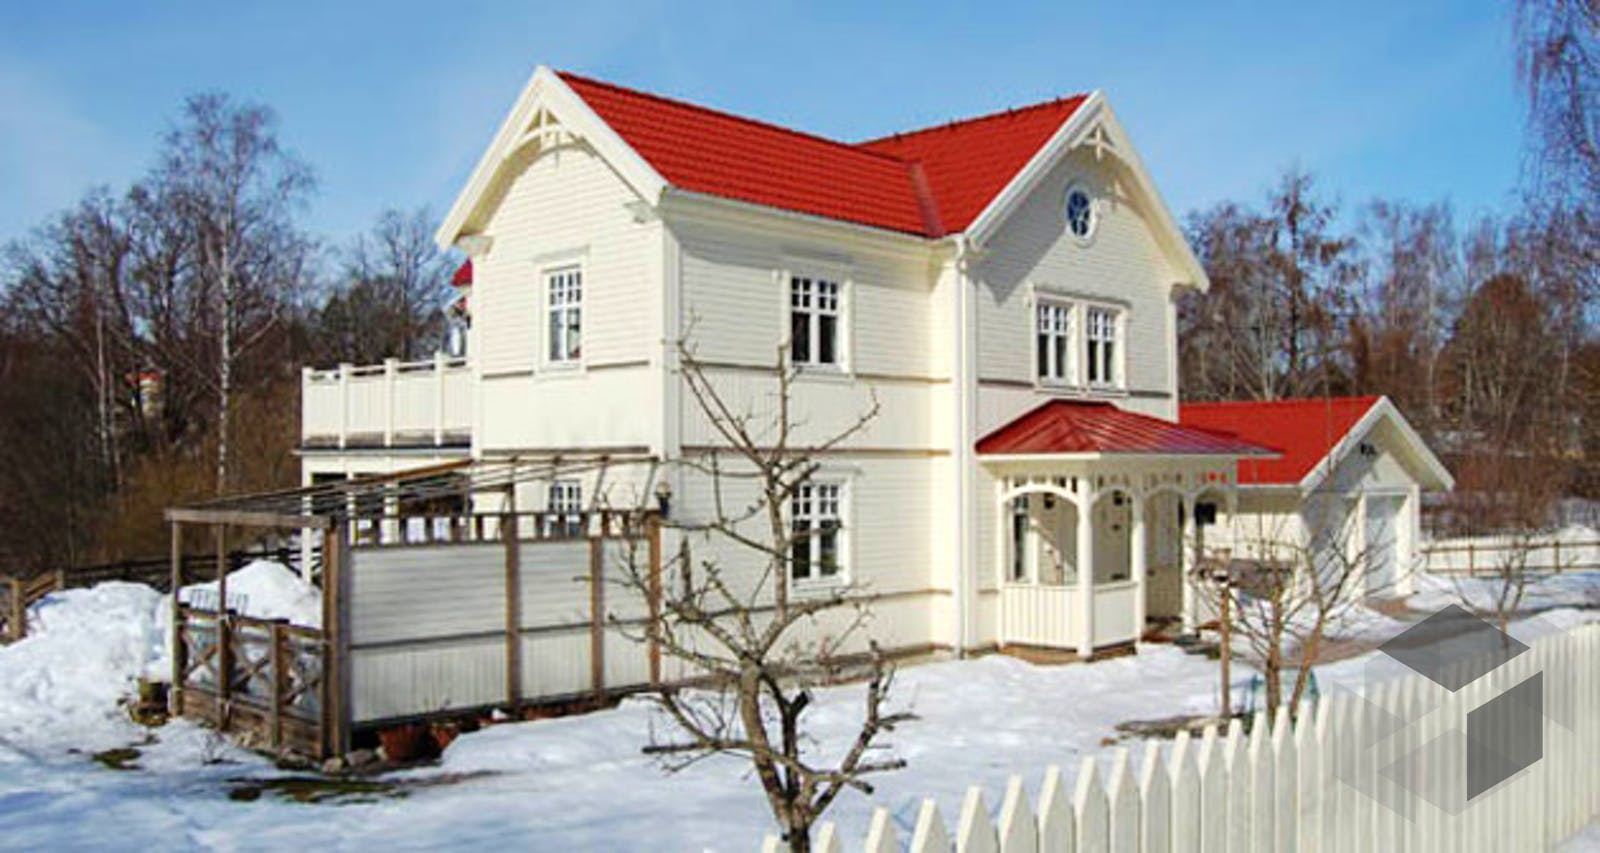 kaptensvillan inacitve von gs schwedenhaus karlsonhus komplette daten bersicht. Black Bedroom Furniture Sets. Home Design Ideas